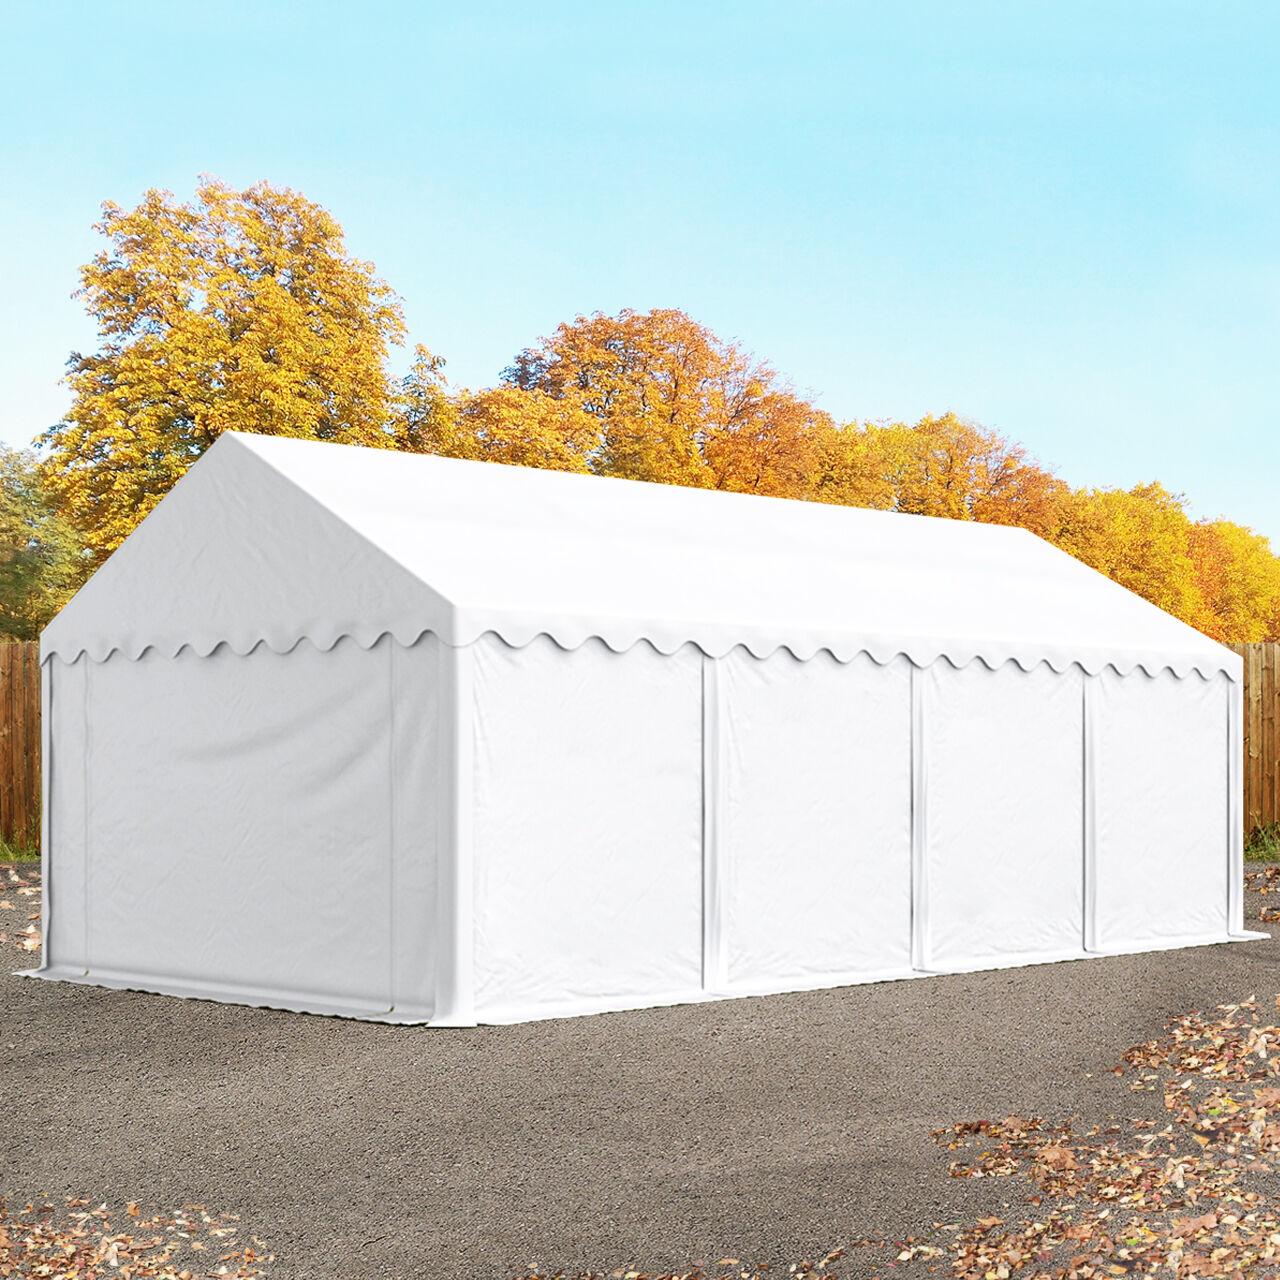 TOOLPORT Lagerzelt 4x8m PVC 550 g/m² weiß wasserdicht Unterstand, Lager